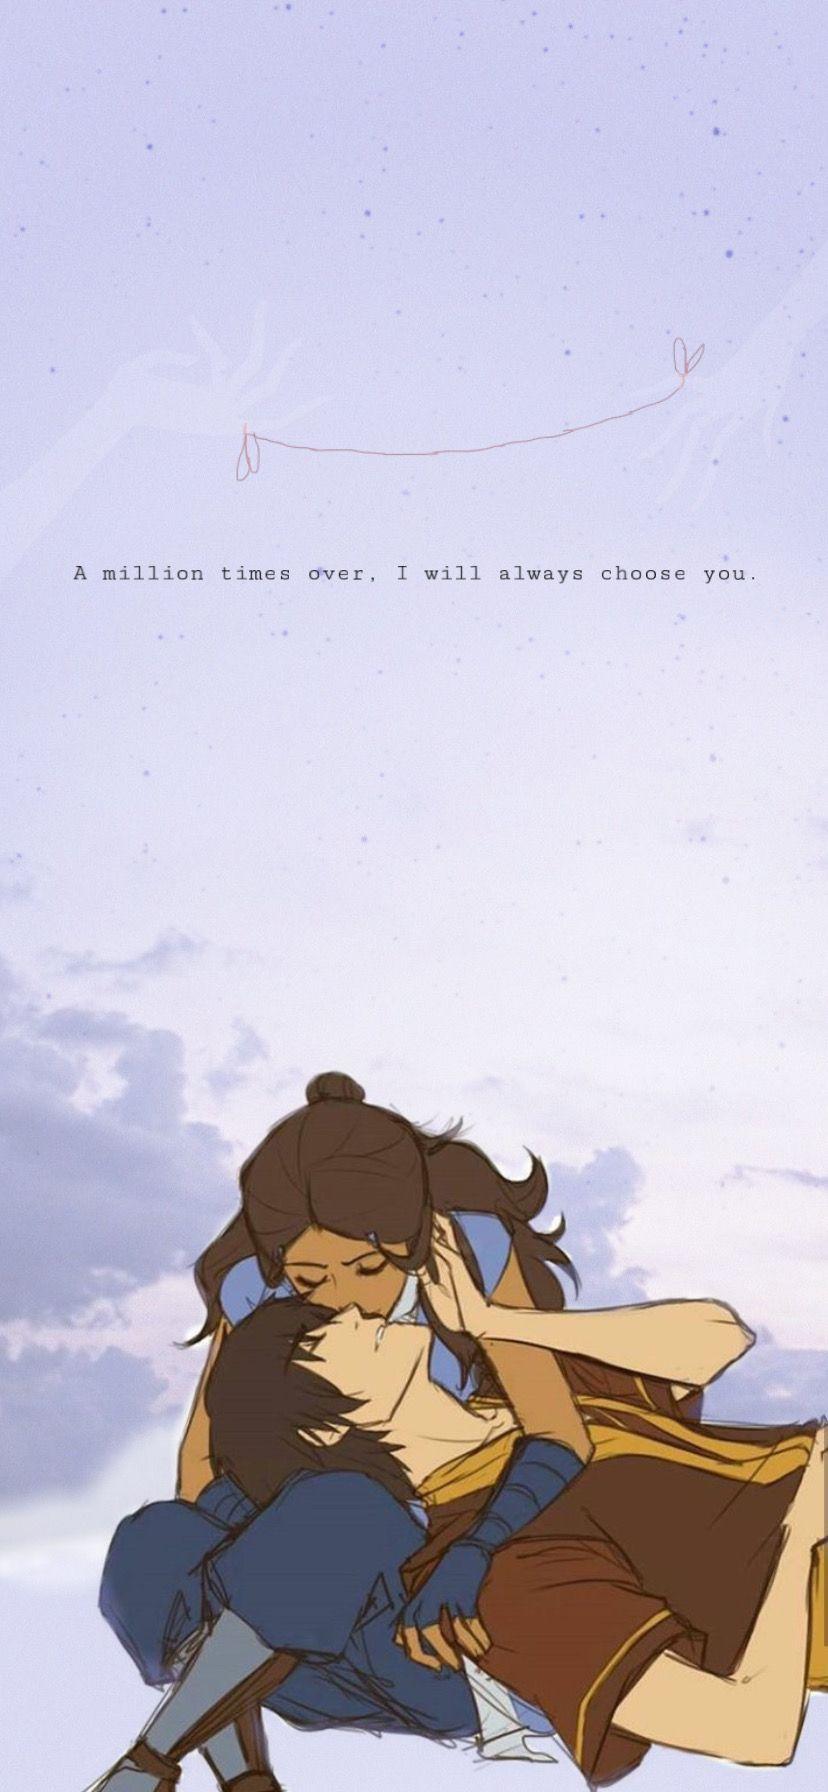 Zutara Wallpaper In 2020 Avatar Zuko Zuko And Katara Avatar The Last Airbender